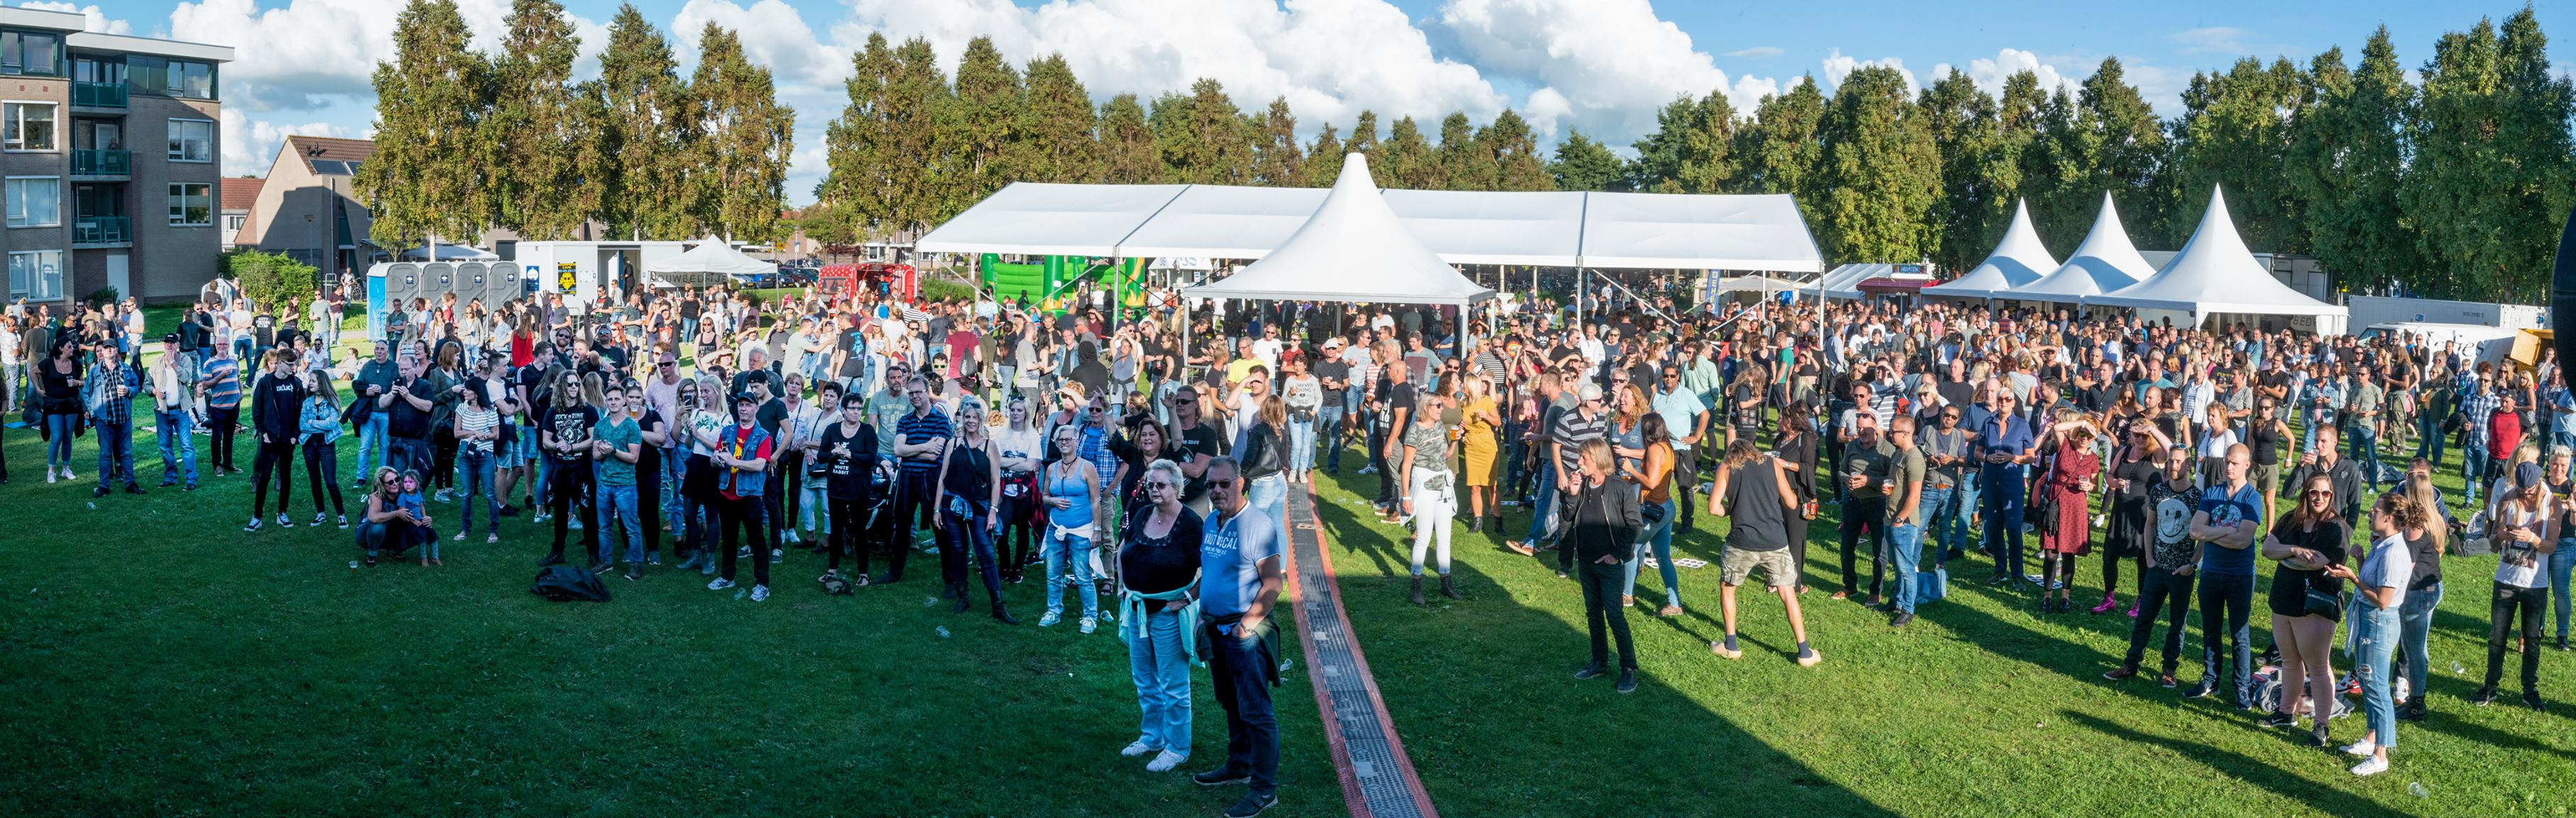 Veel publiek bij een eerdere editie van Wormer Live. (Foto: Ron Koffeman)